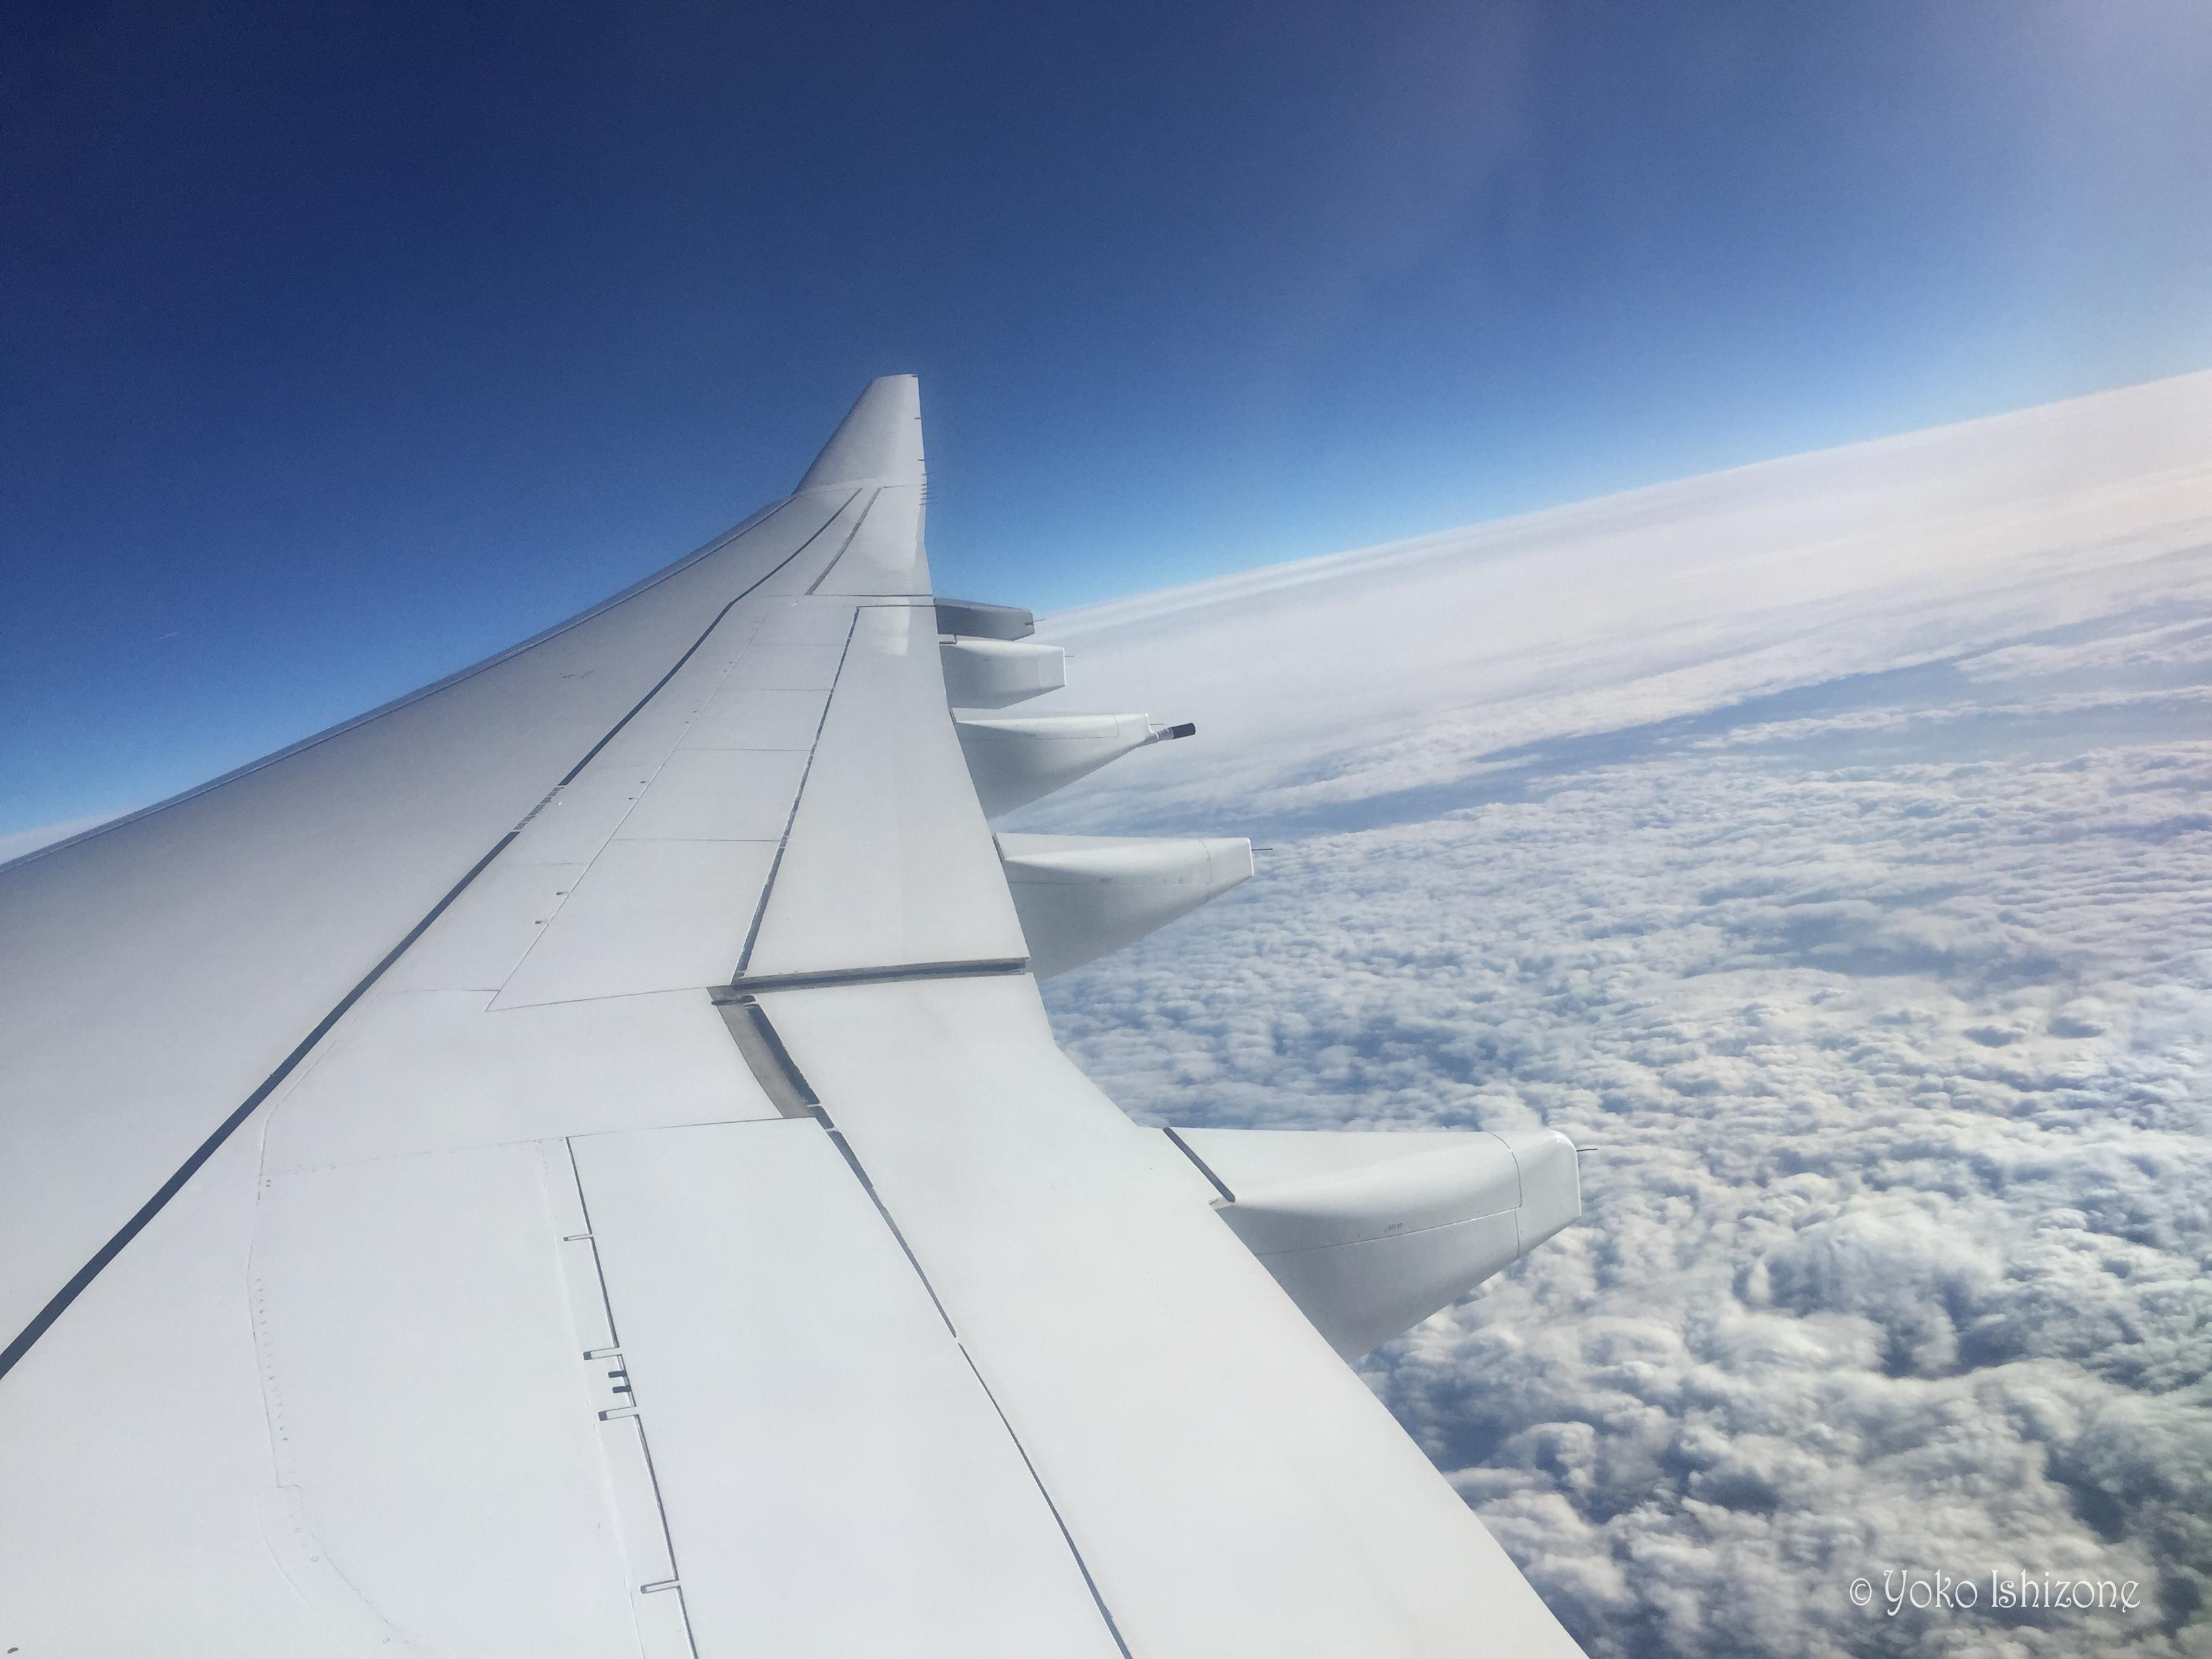 航空券を予約したら、出発前に、これだけは確認してから旅を楽しんでください